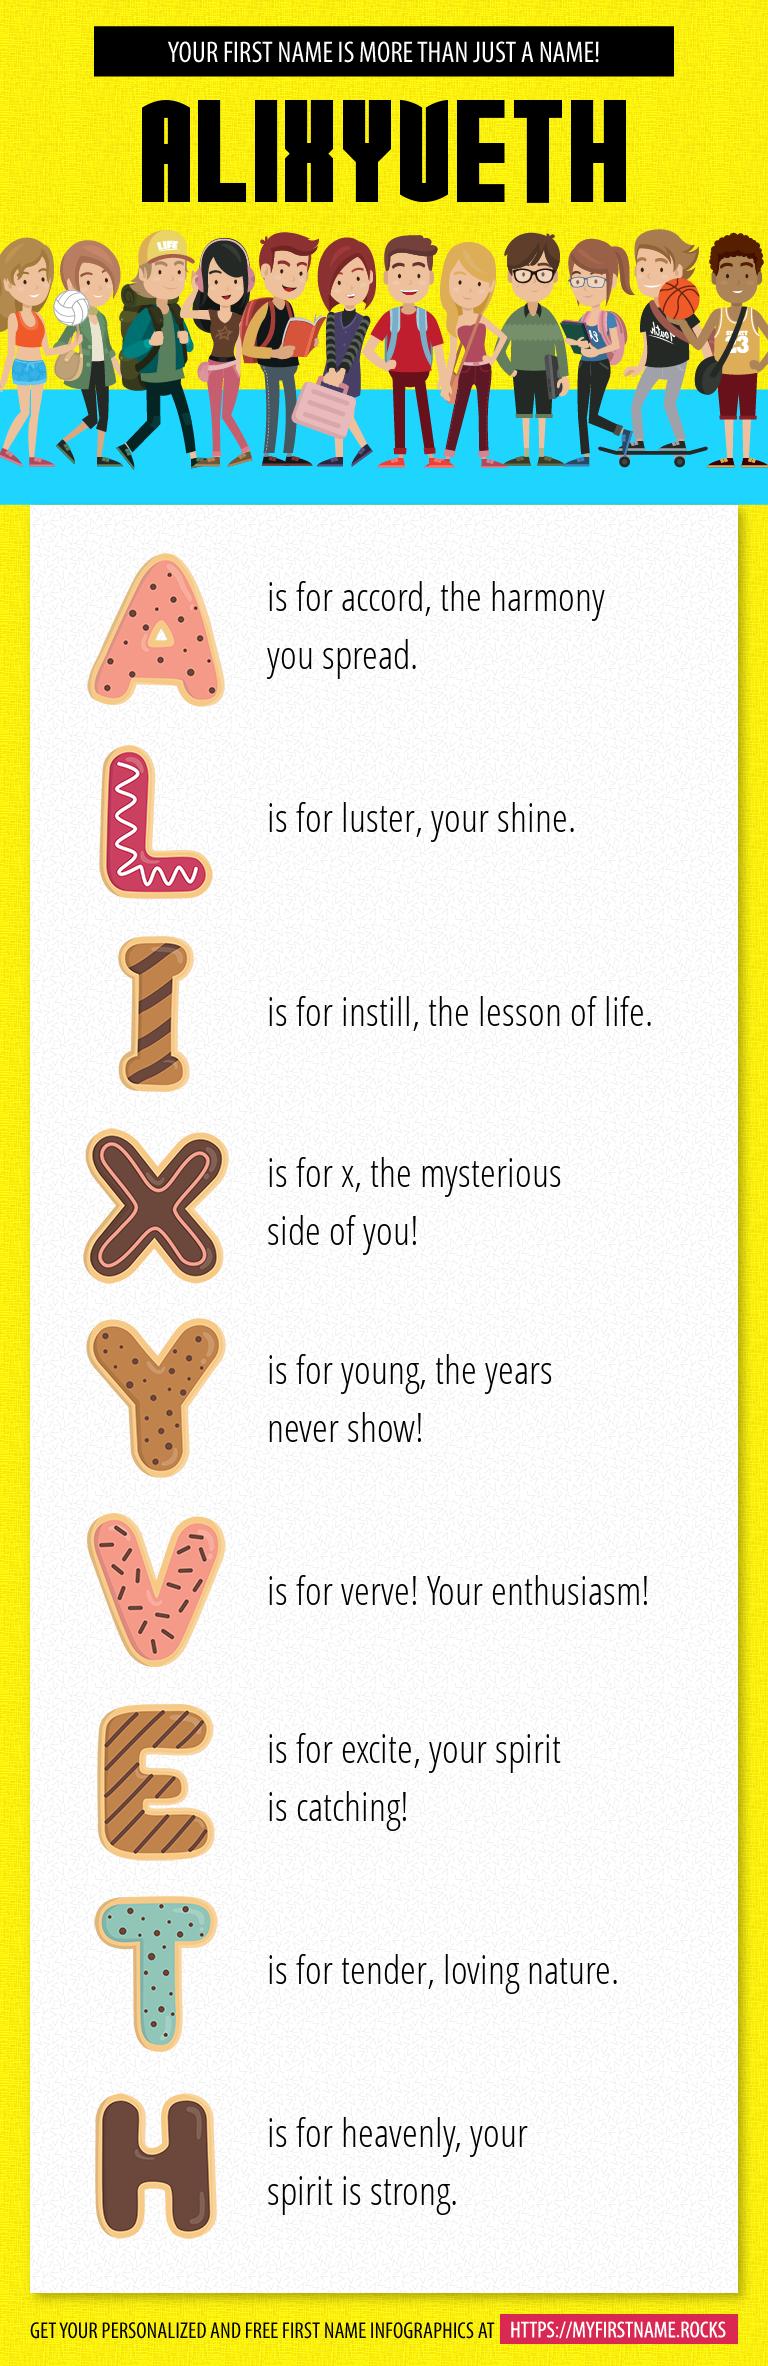 Alixyveth Infographics